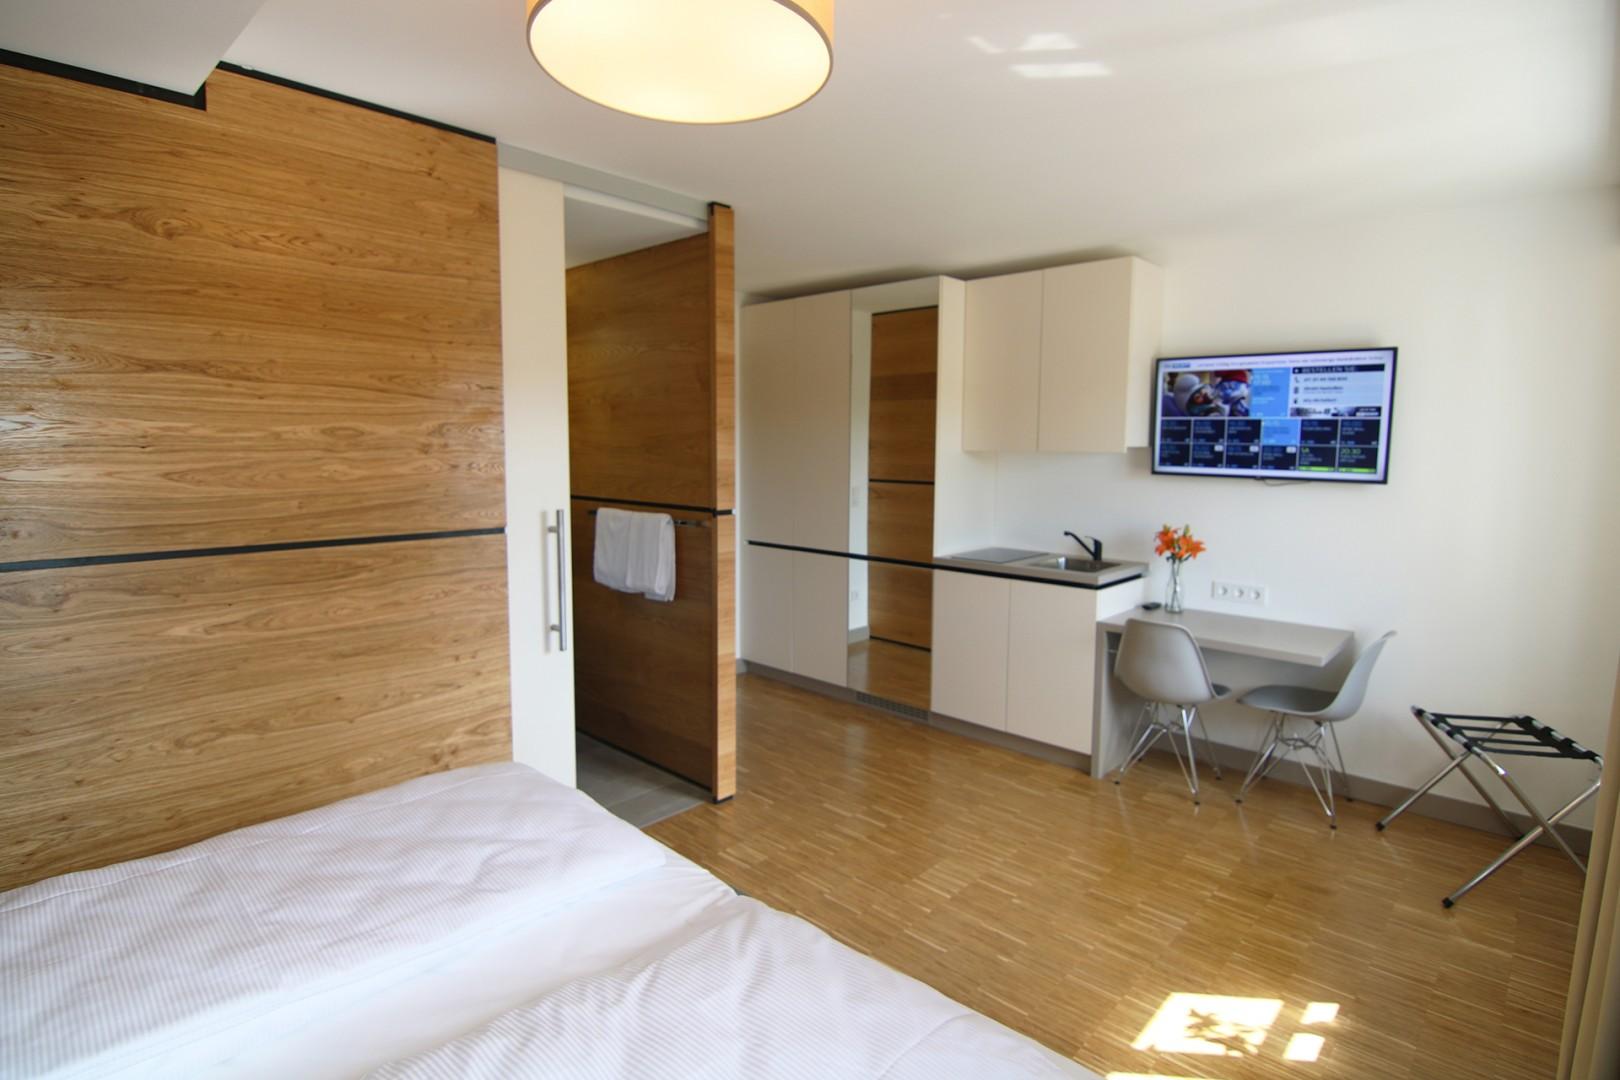 Ba Hotel Babenhausen In Bayern